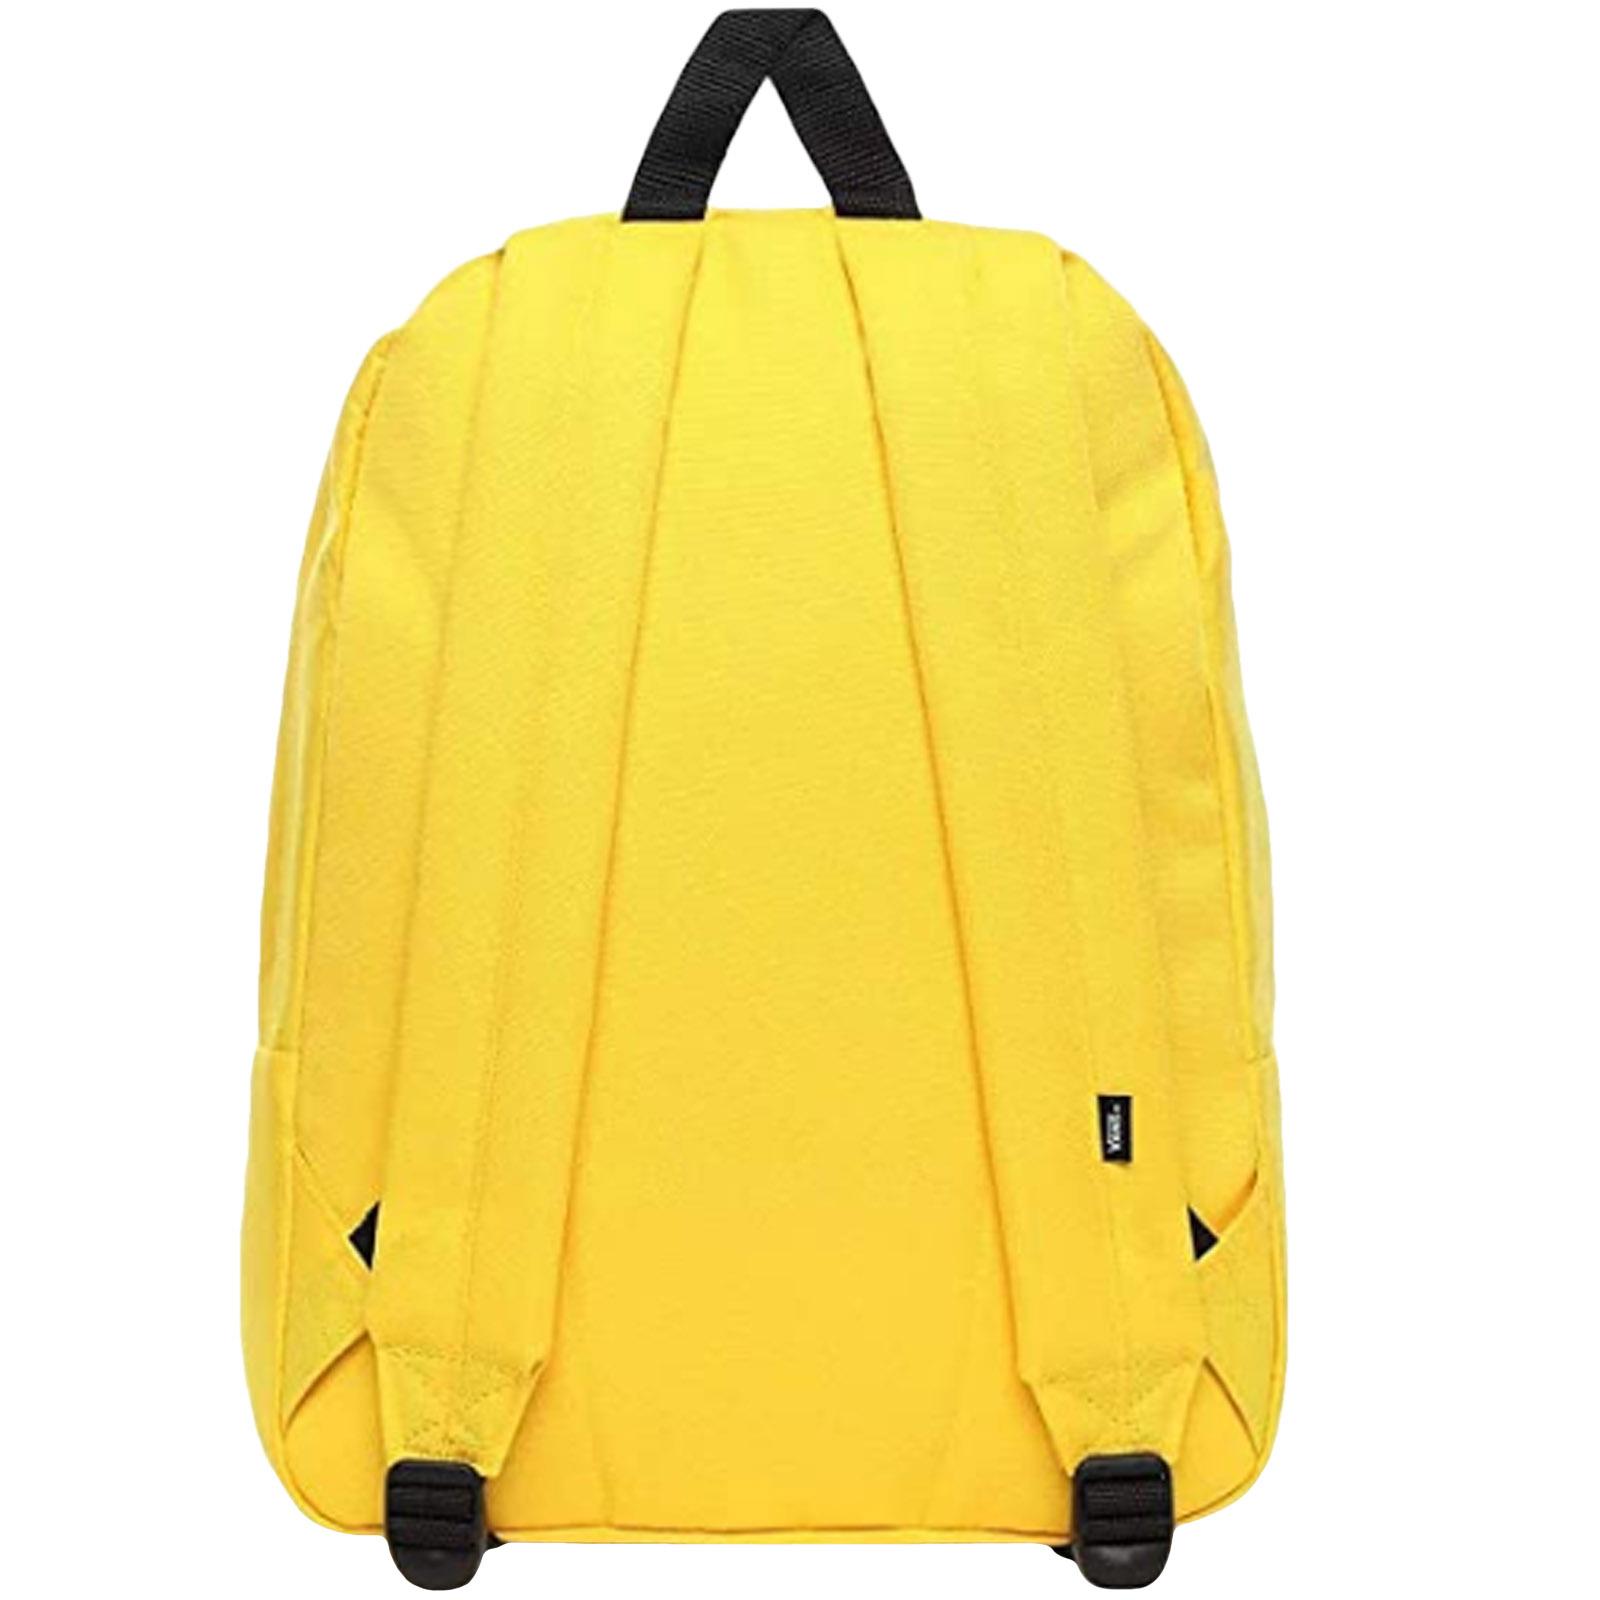 thumbnail 13 - Vans Adults Old Skool III School College Two Strap Backpack Rucksack Bag